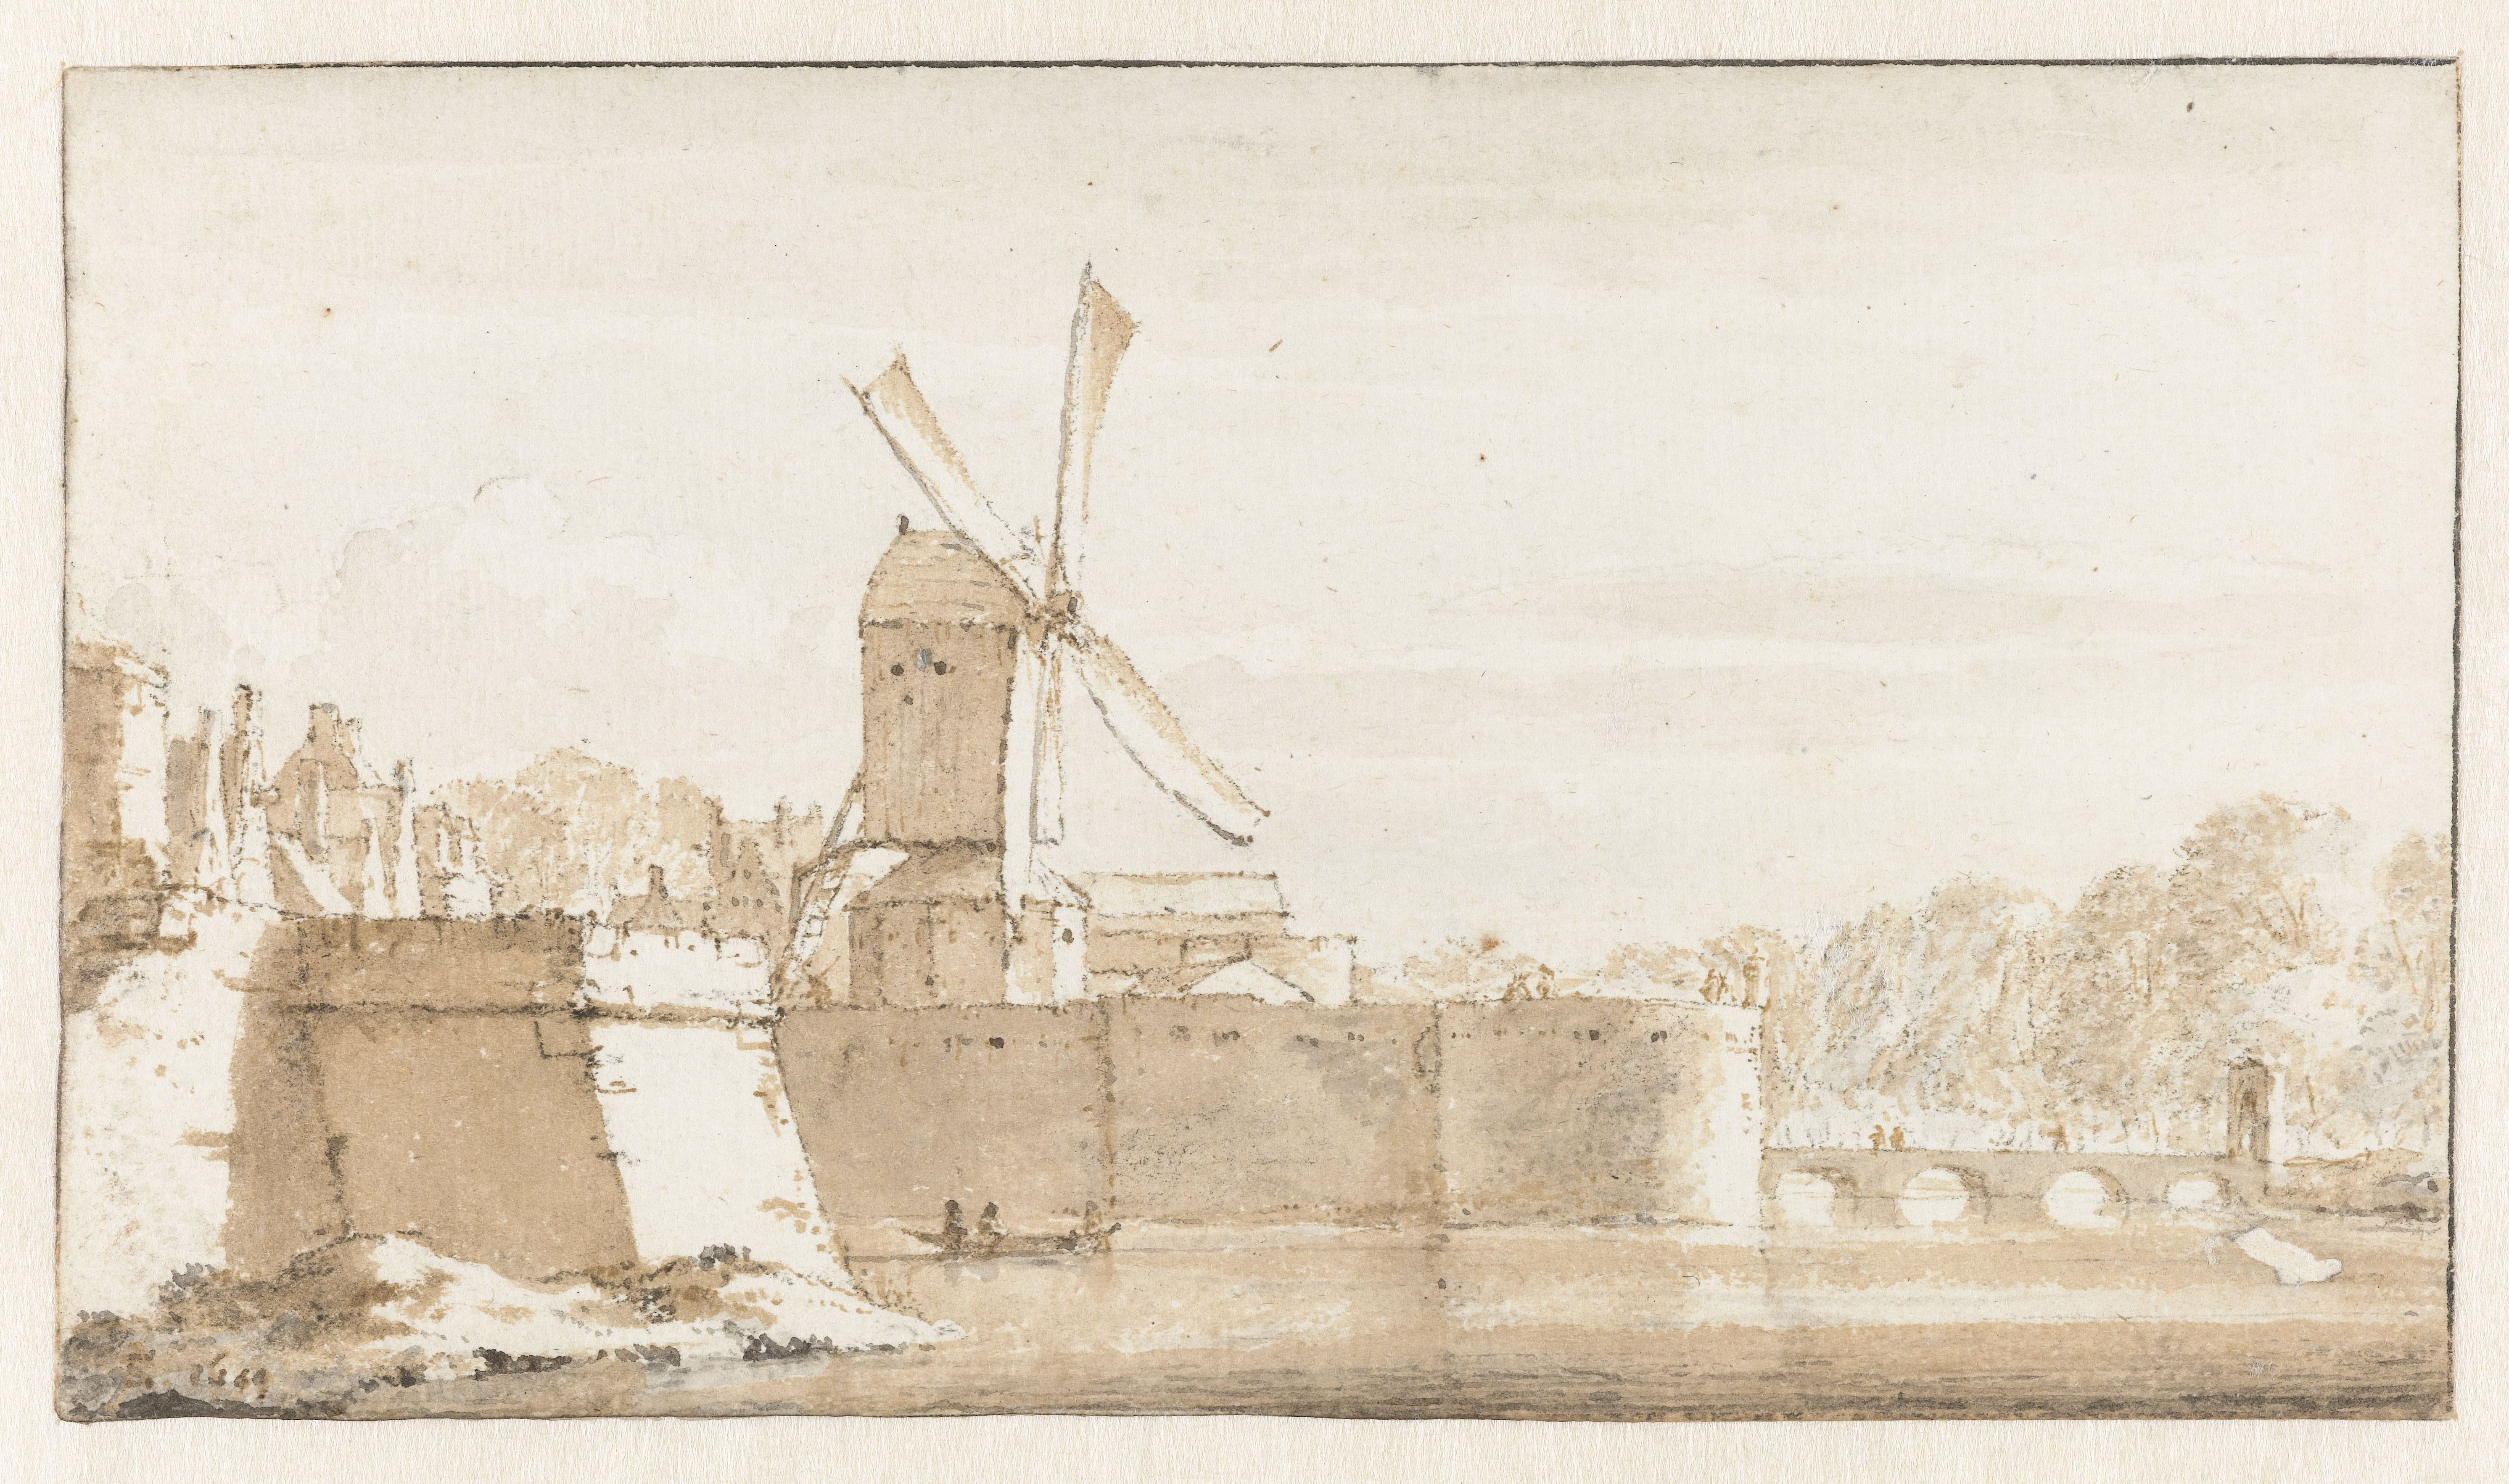 Gezicht op de molen van Rembrandt, de wallen bij de Morspoort en het Pelikaansbolwerk, Jan de Bisschop, 1649 - Rijksmuseum (RP-T-1894-A-3037)